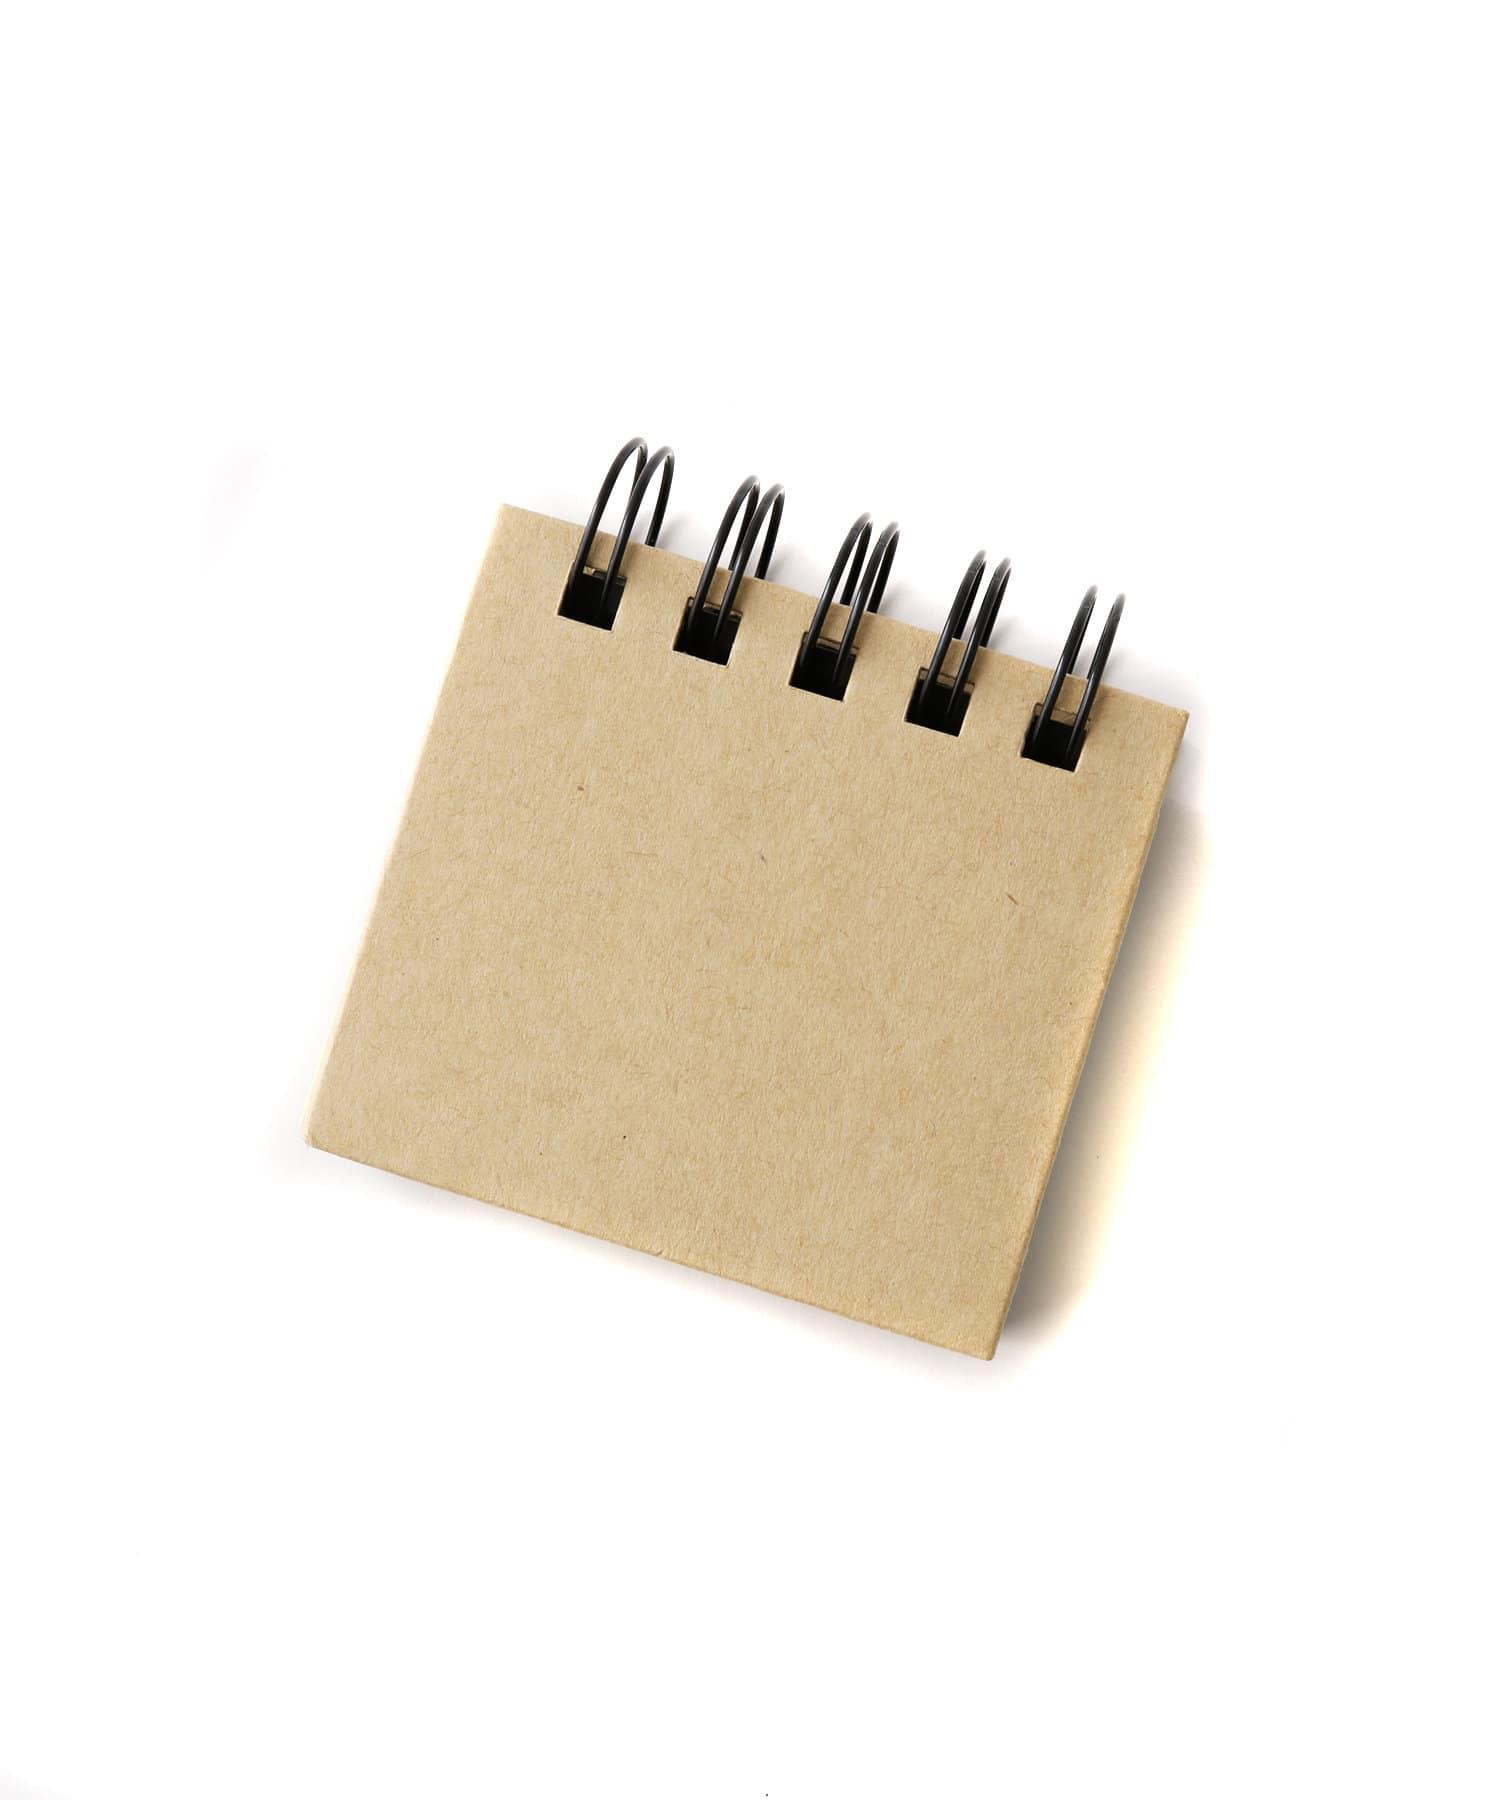 3COINS(スリーコインズ) 【ASOKO】付箋リングノート